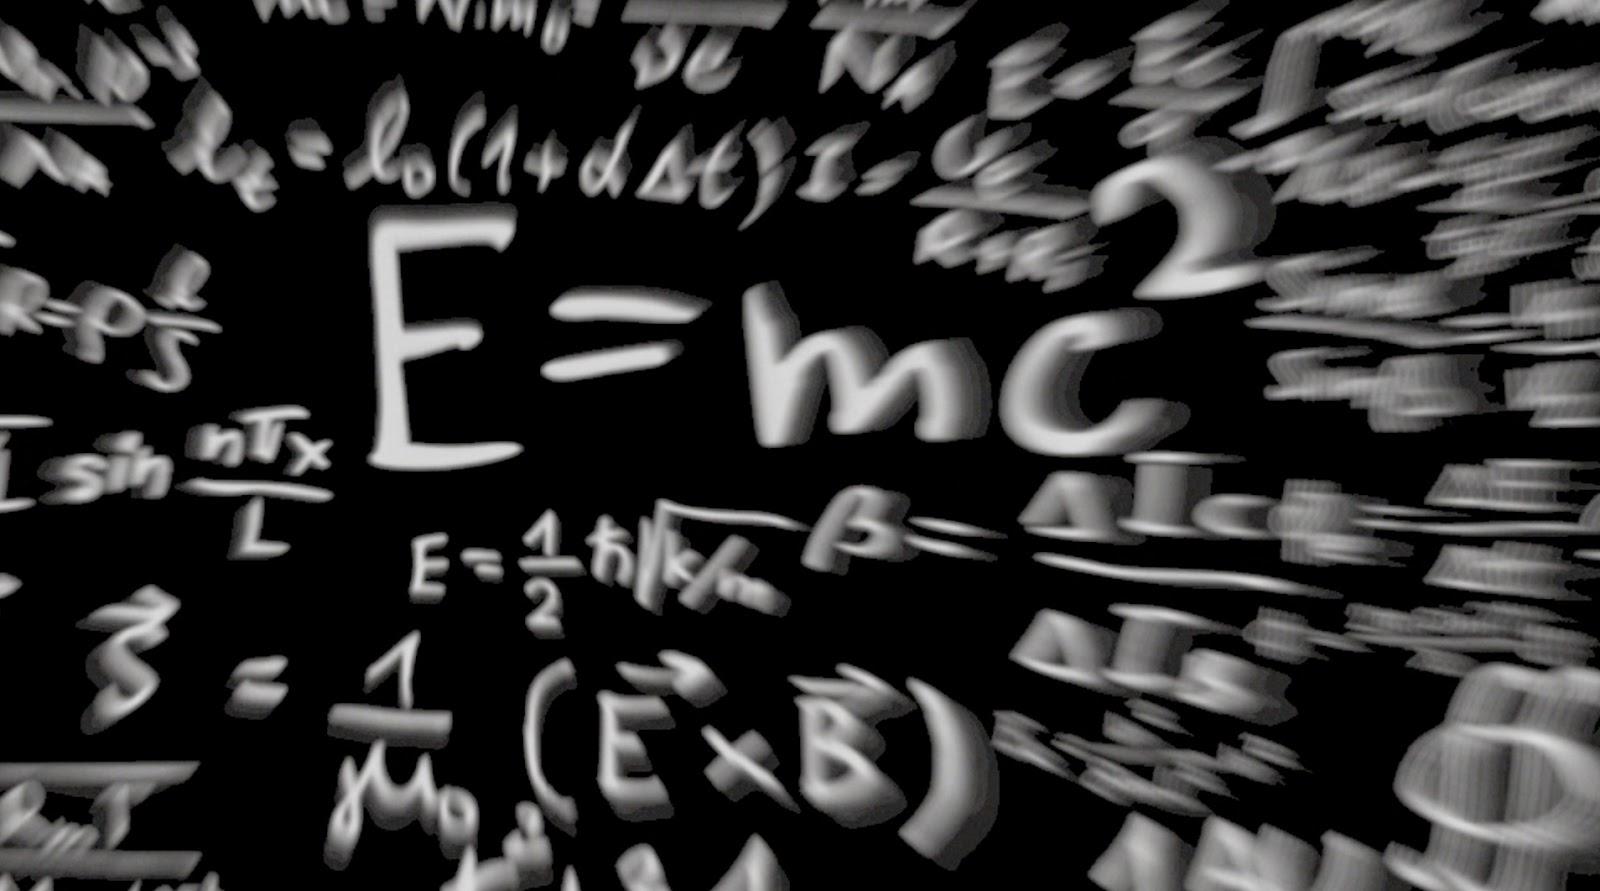 E=MC2: The equation for musicality